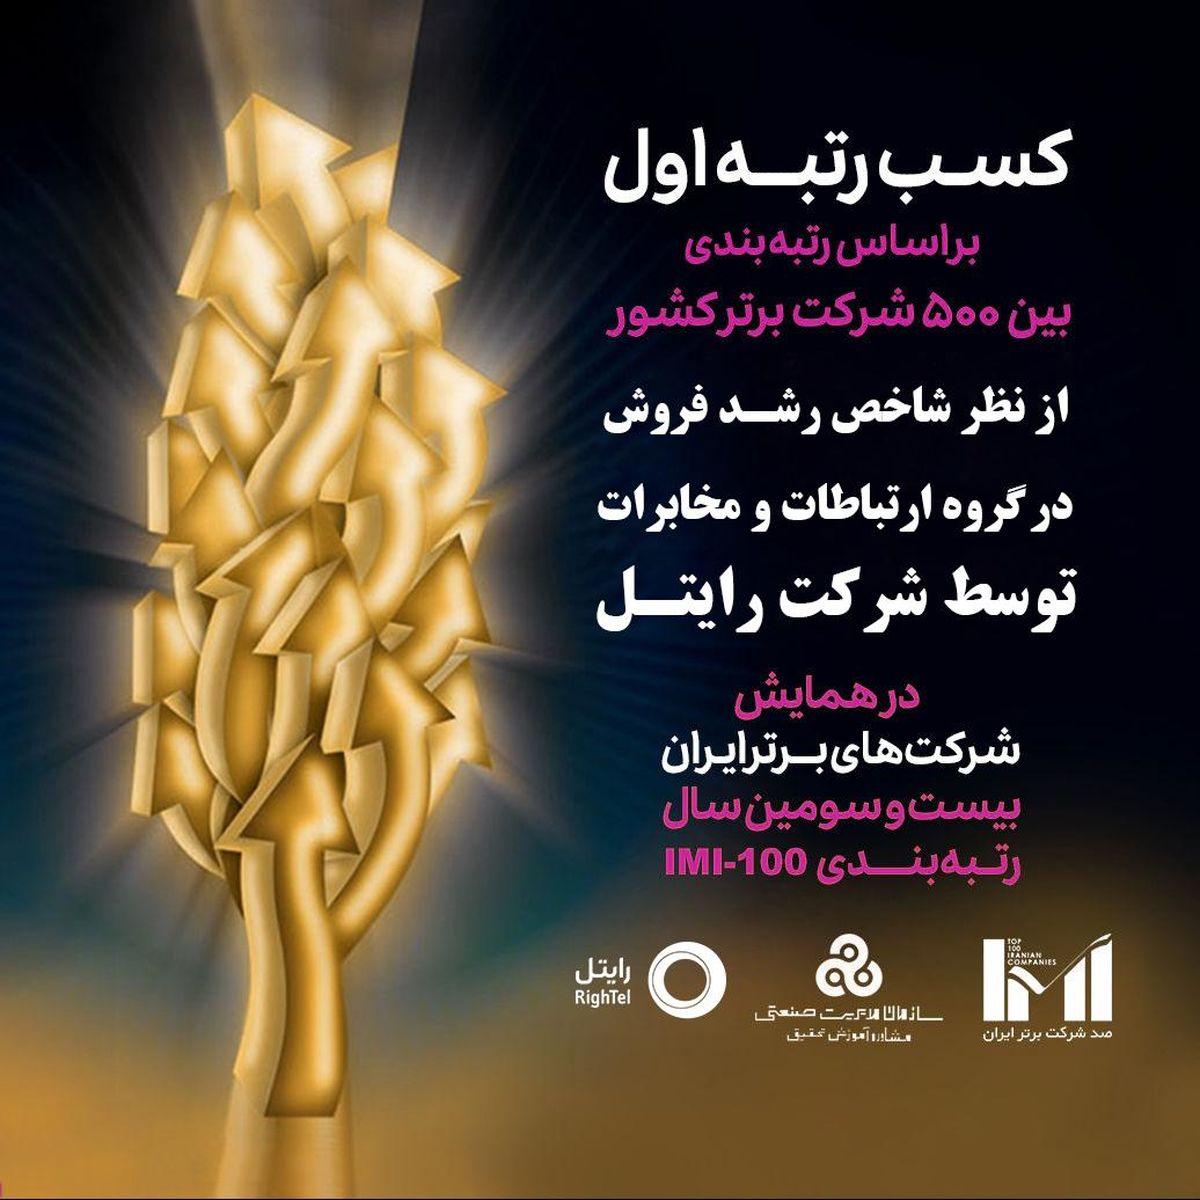 درخشش شرکت خدمات ارتباطی رایتل در آخرین رتبهبندی شرکتهای برتر ایران